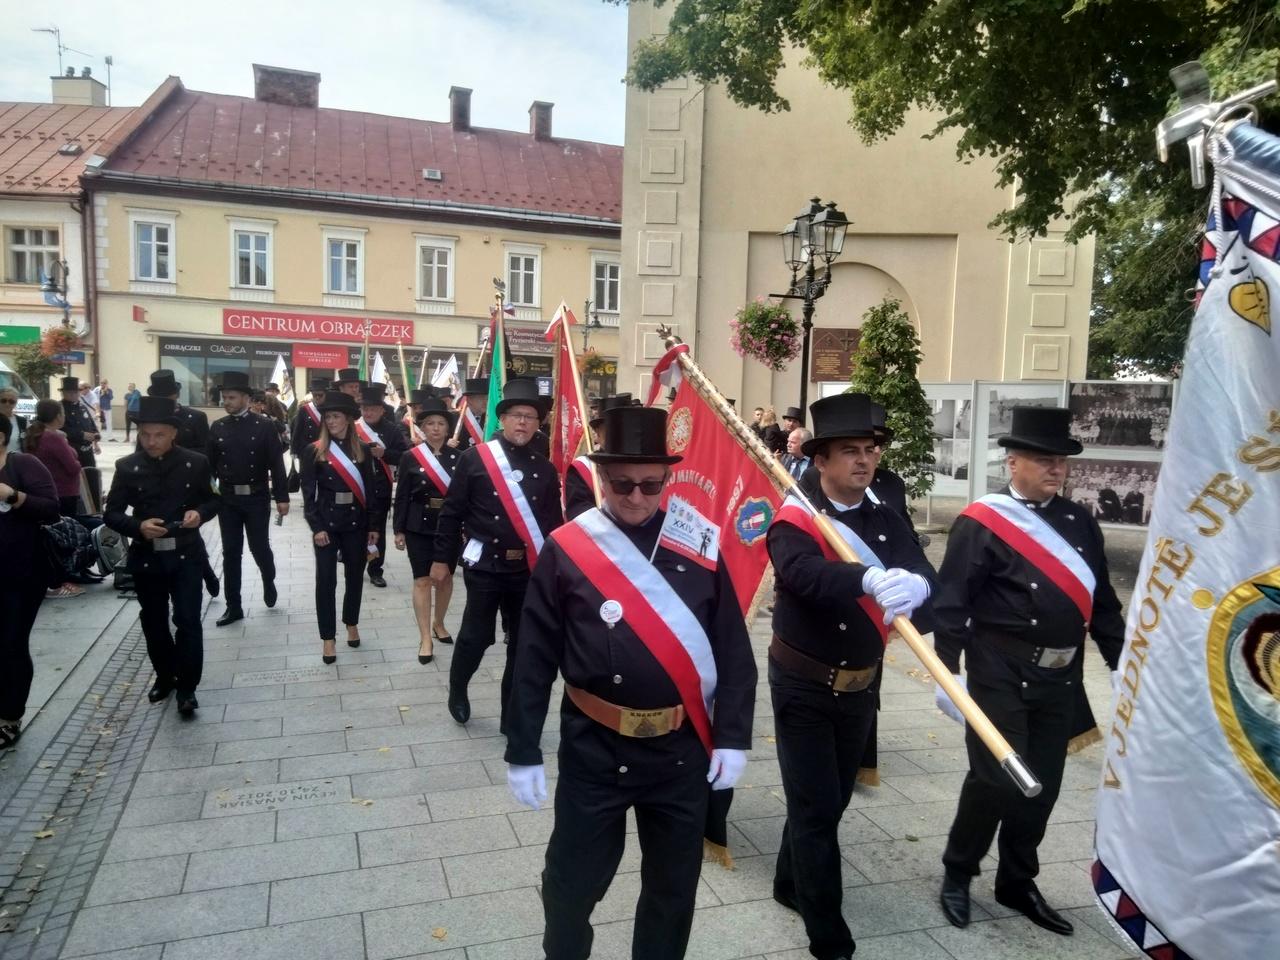 Kominiarze świętowali w Rzeszowie [FOTORELACJA] - Zdjęcie główne